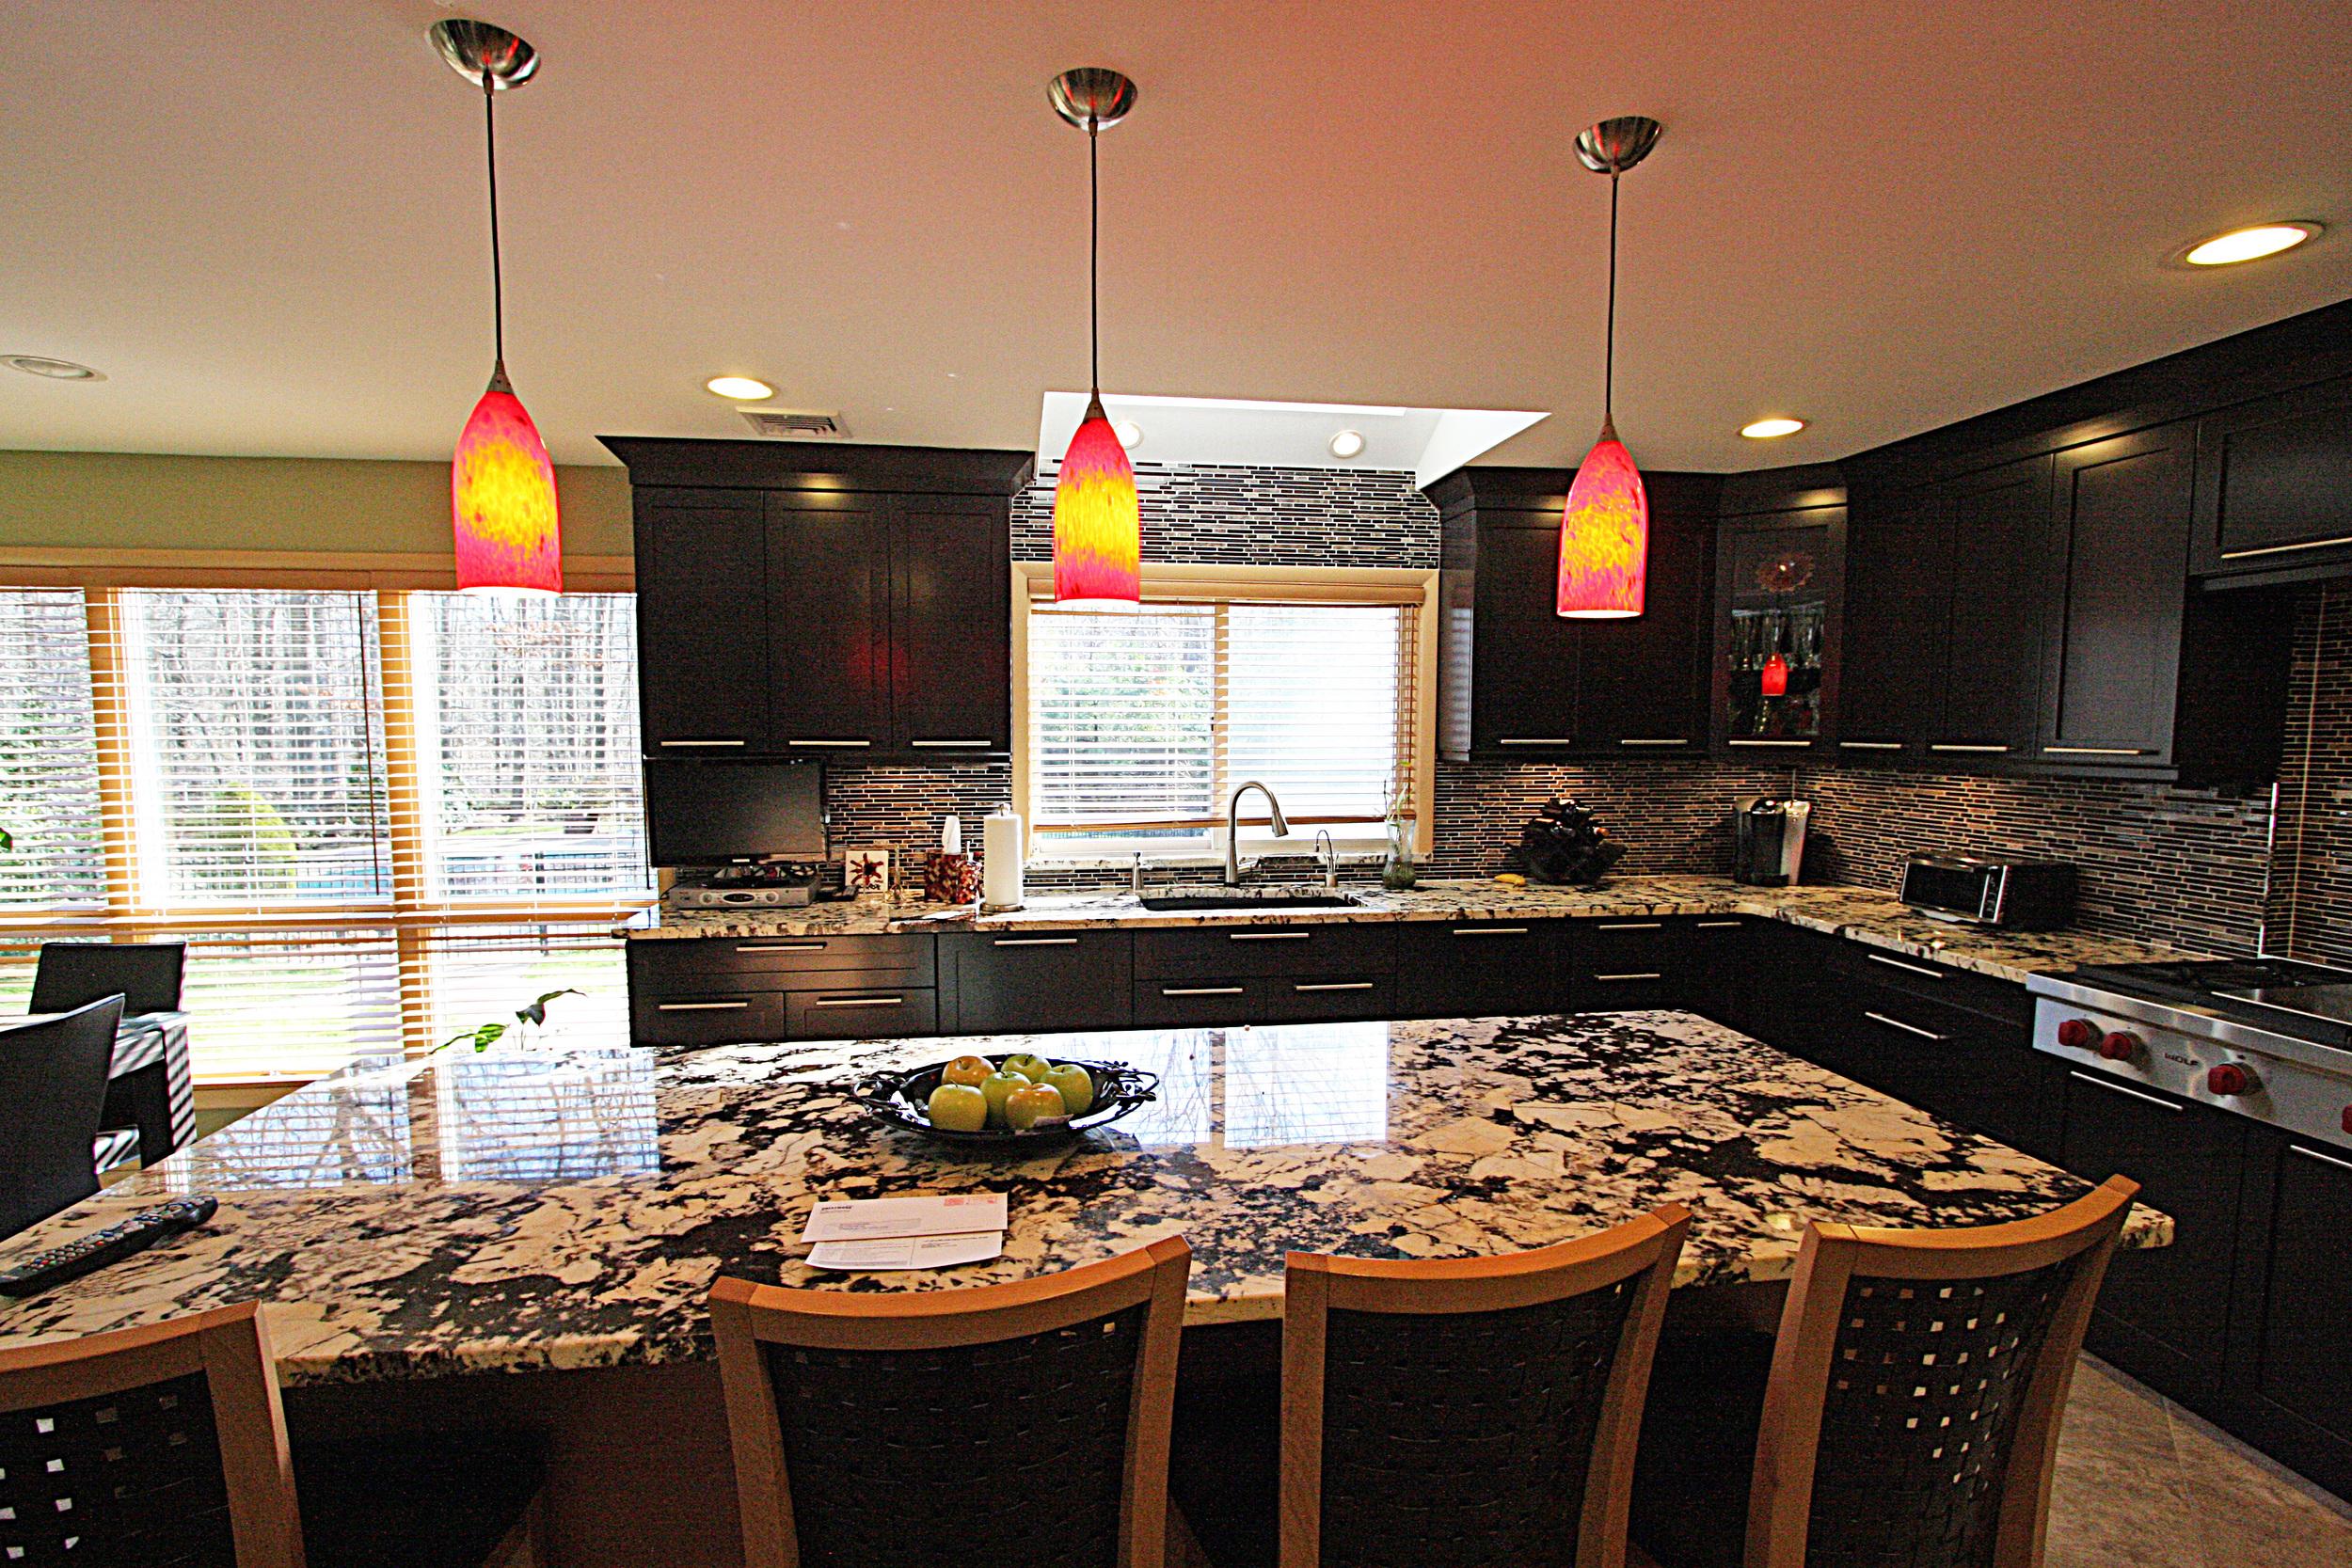 Picture Kitchen 002 smaller.jpg